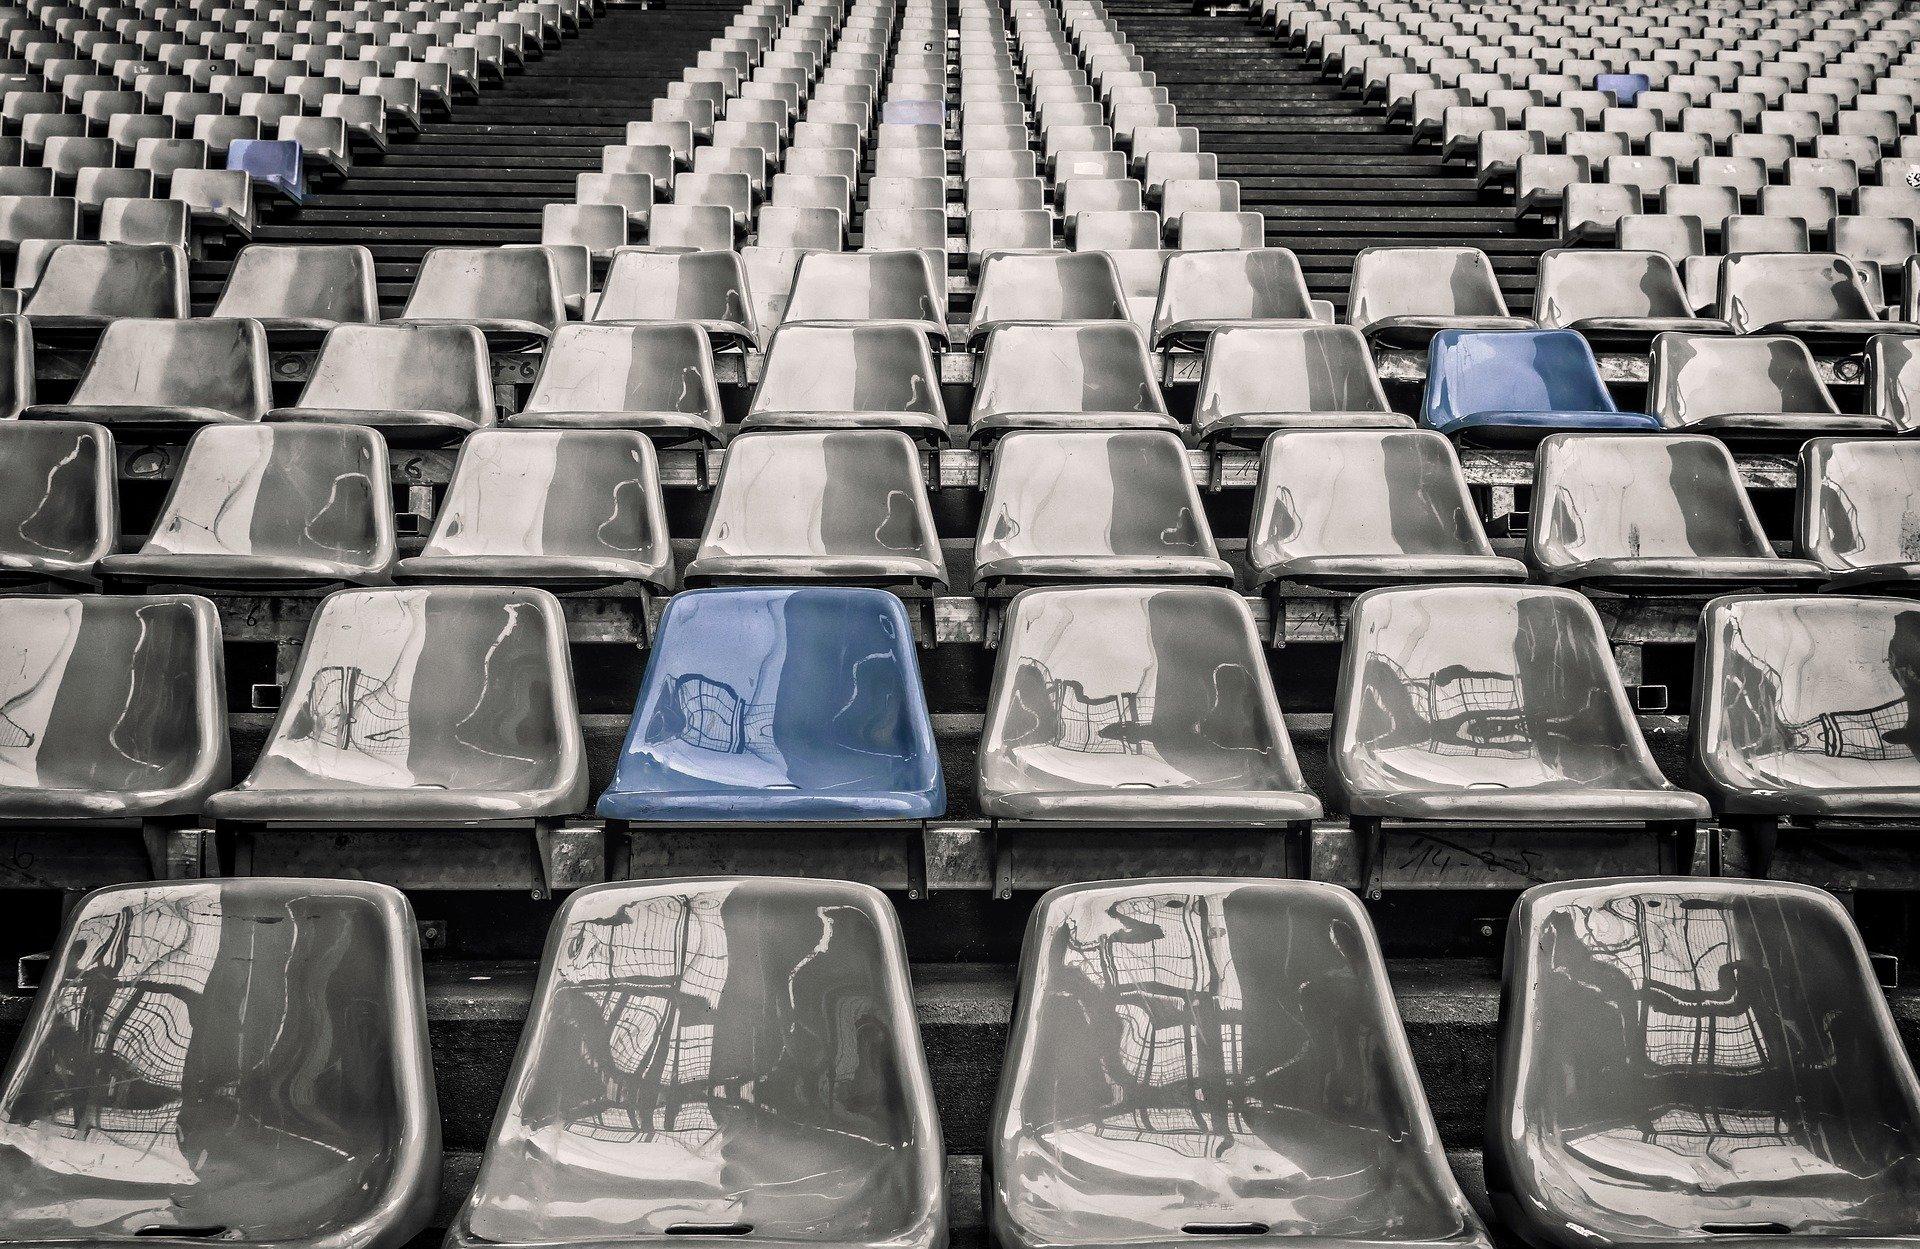 Realidad aumentada para combatir estadios de fútbol vacíos